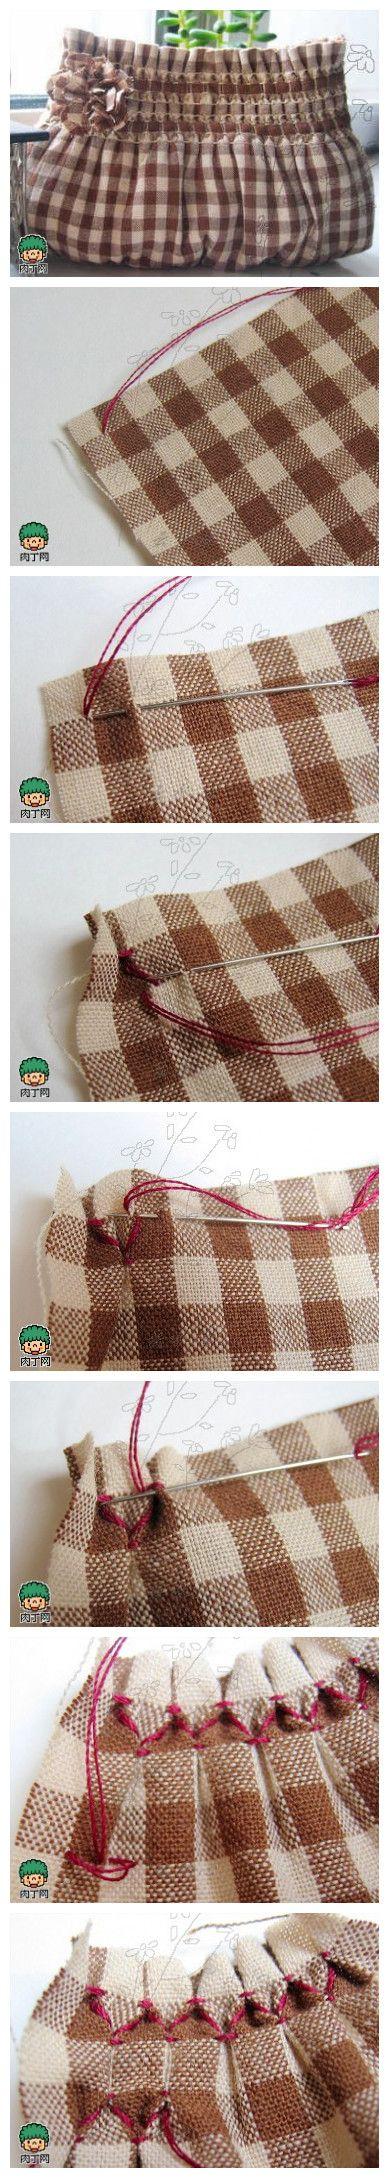 'smocking' a cute bag via duitang.com